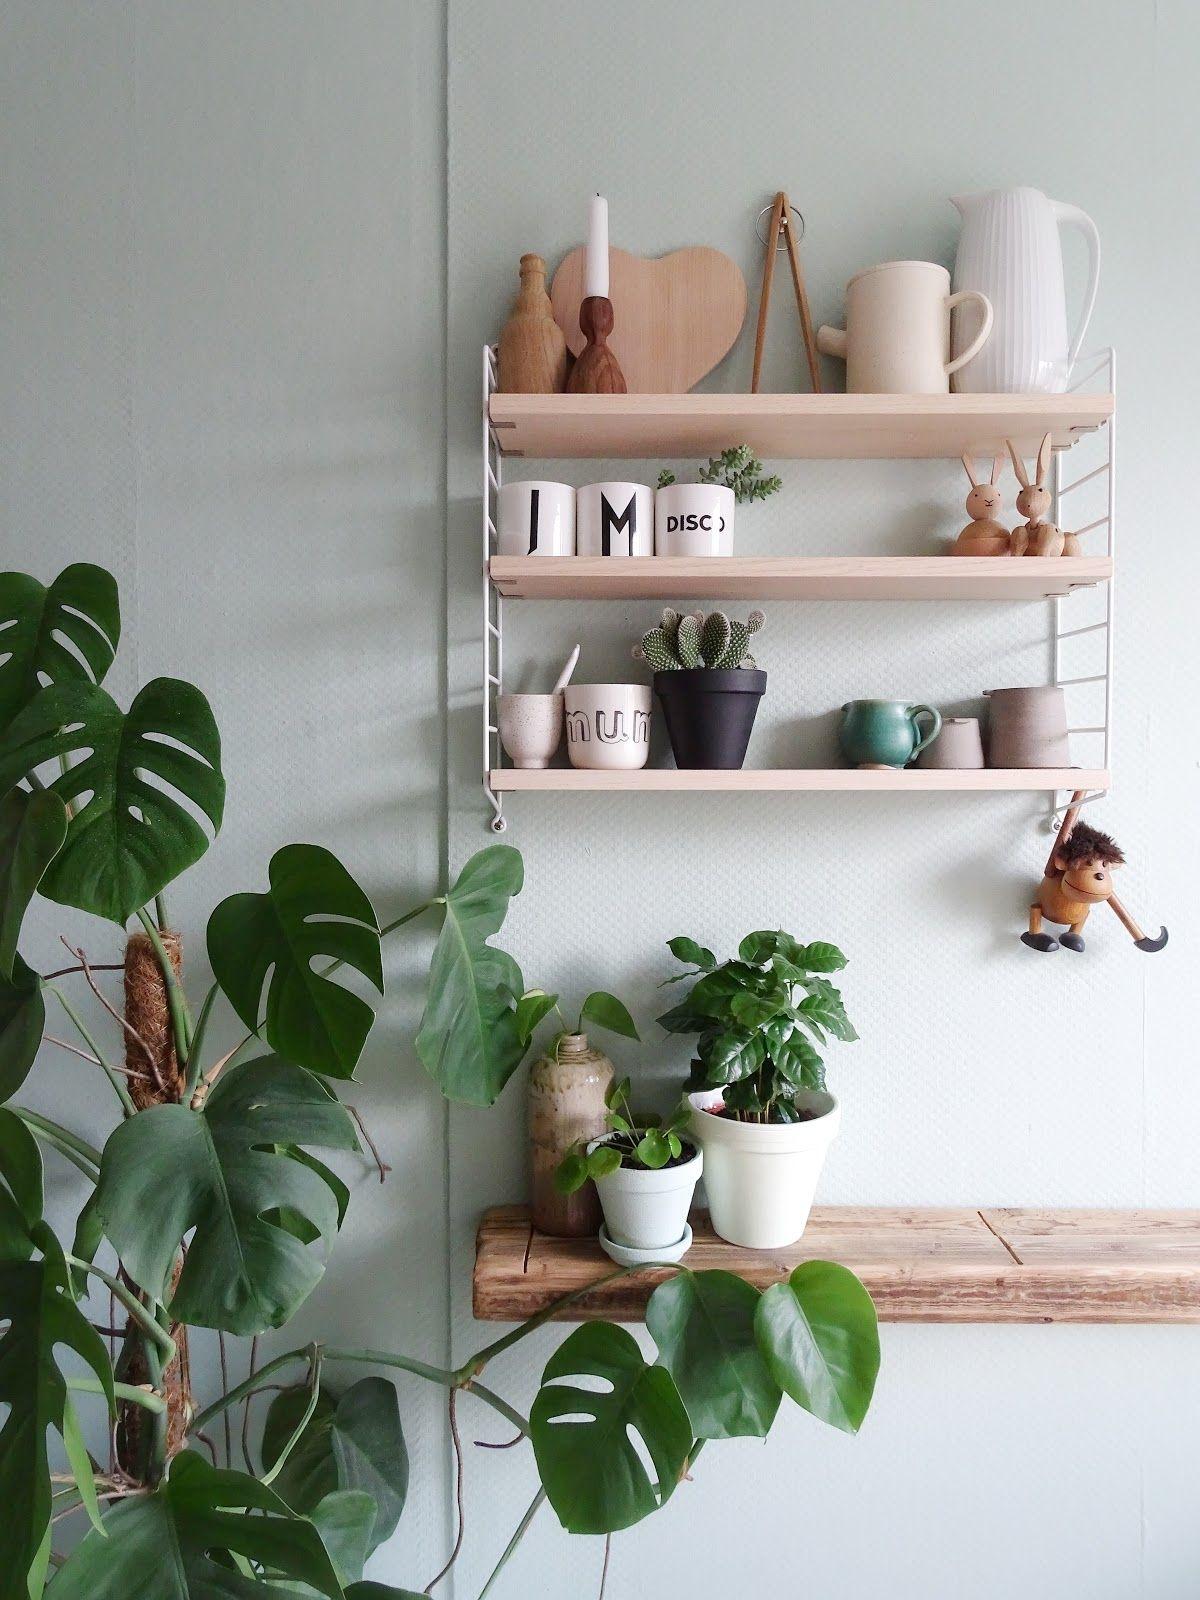 Küchen Makeover Mit Neuer Farbe Und Neuem, Altem Holz Für Frischen Wind An  Der Wand